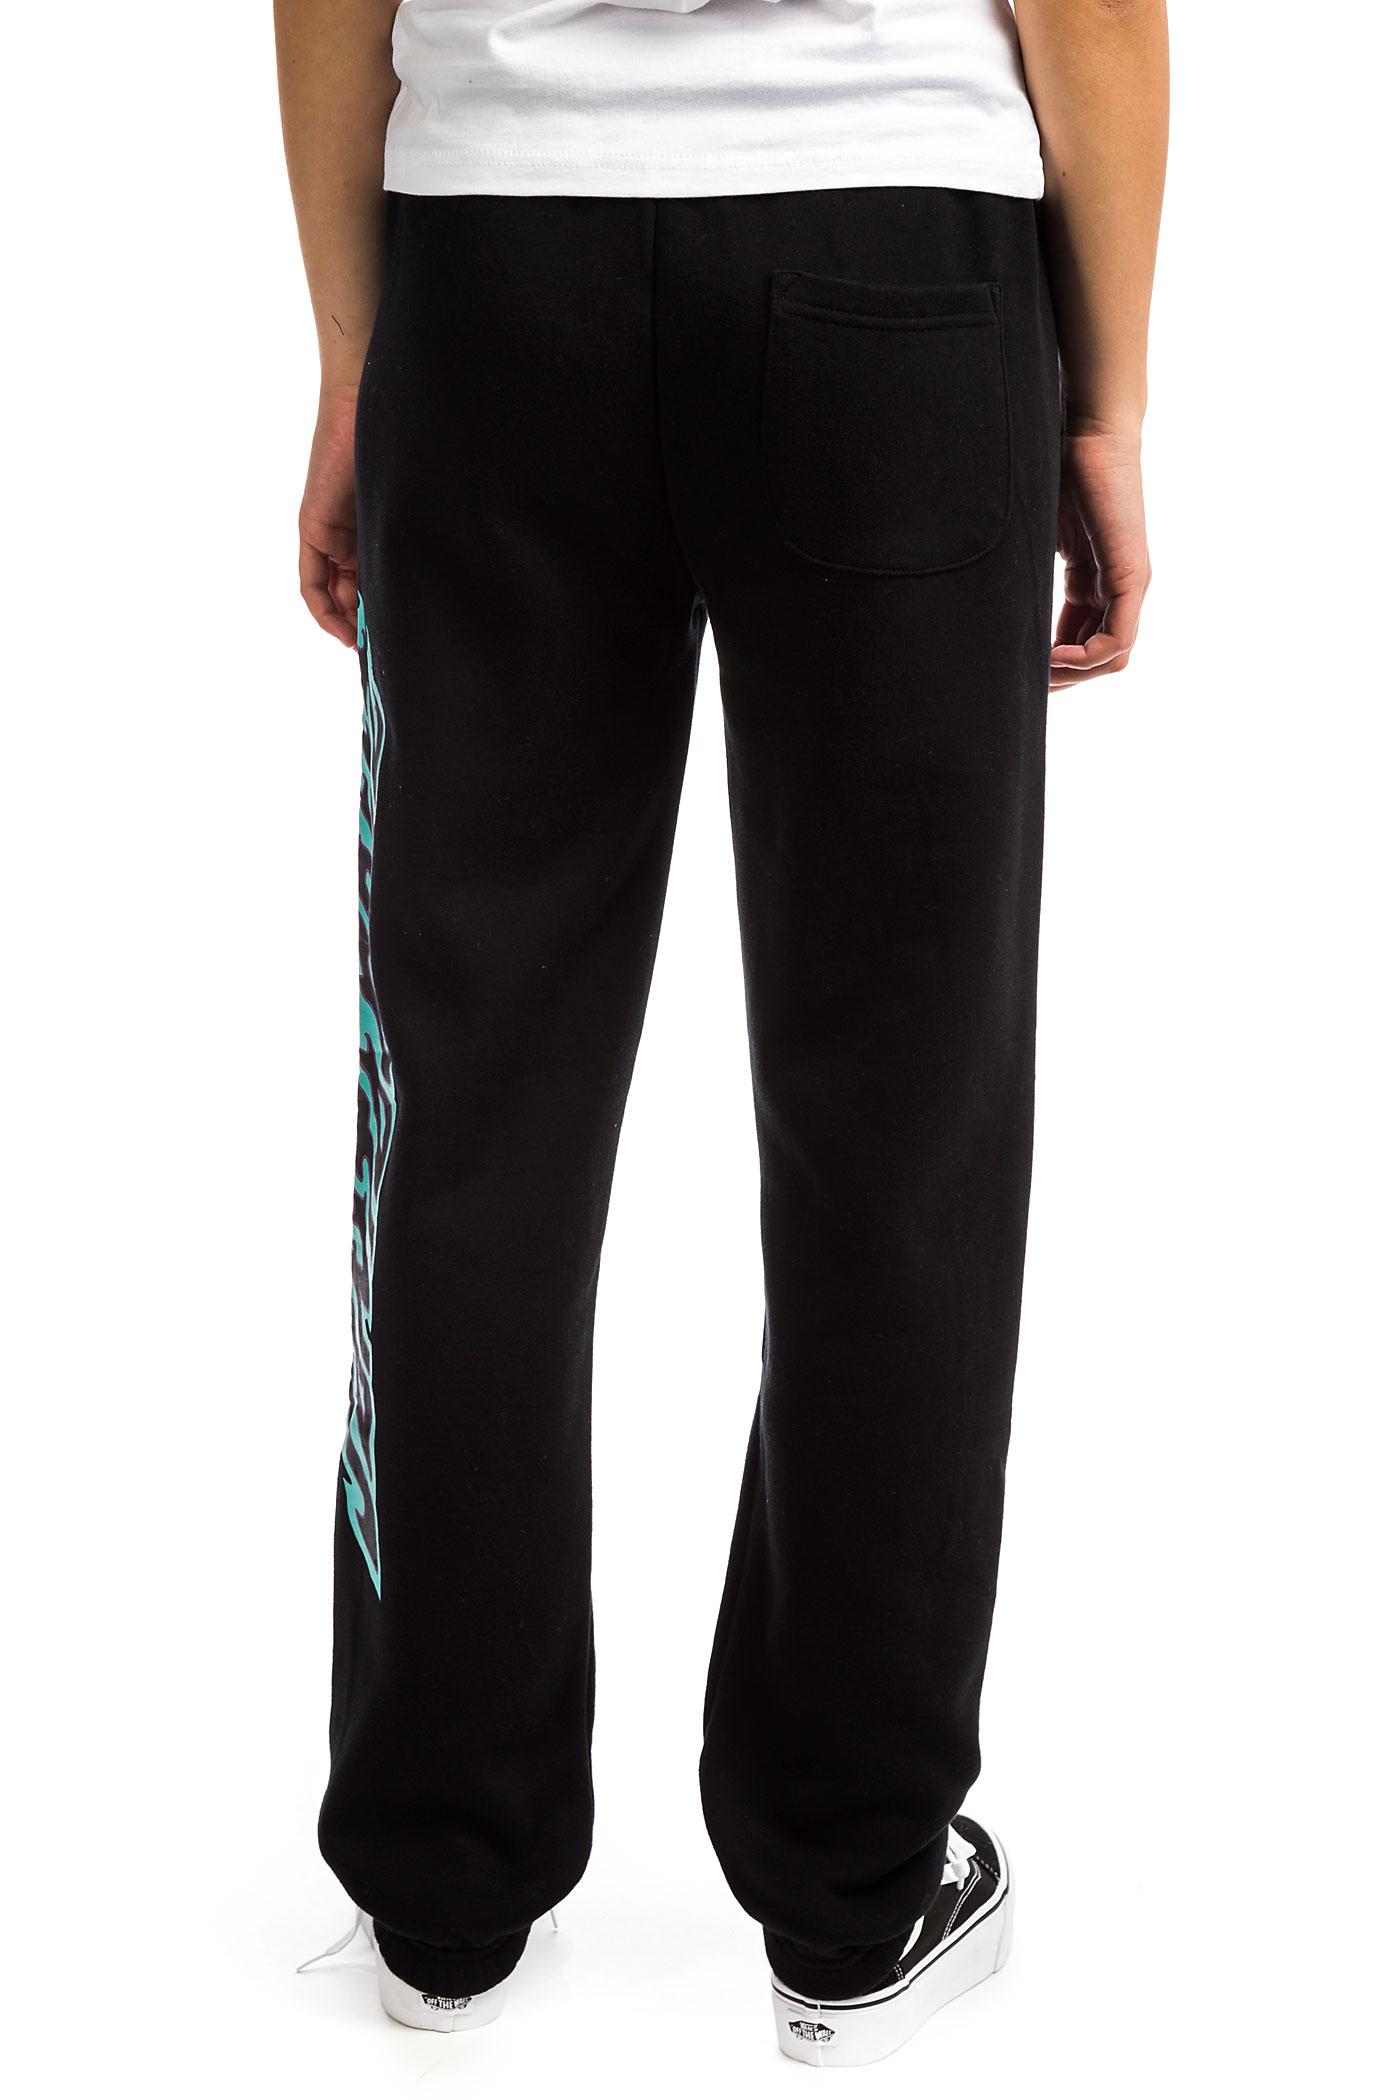 Pantalons Flame Cruz Womenblack Santa Dot dWorxBQCe